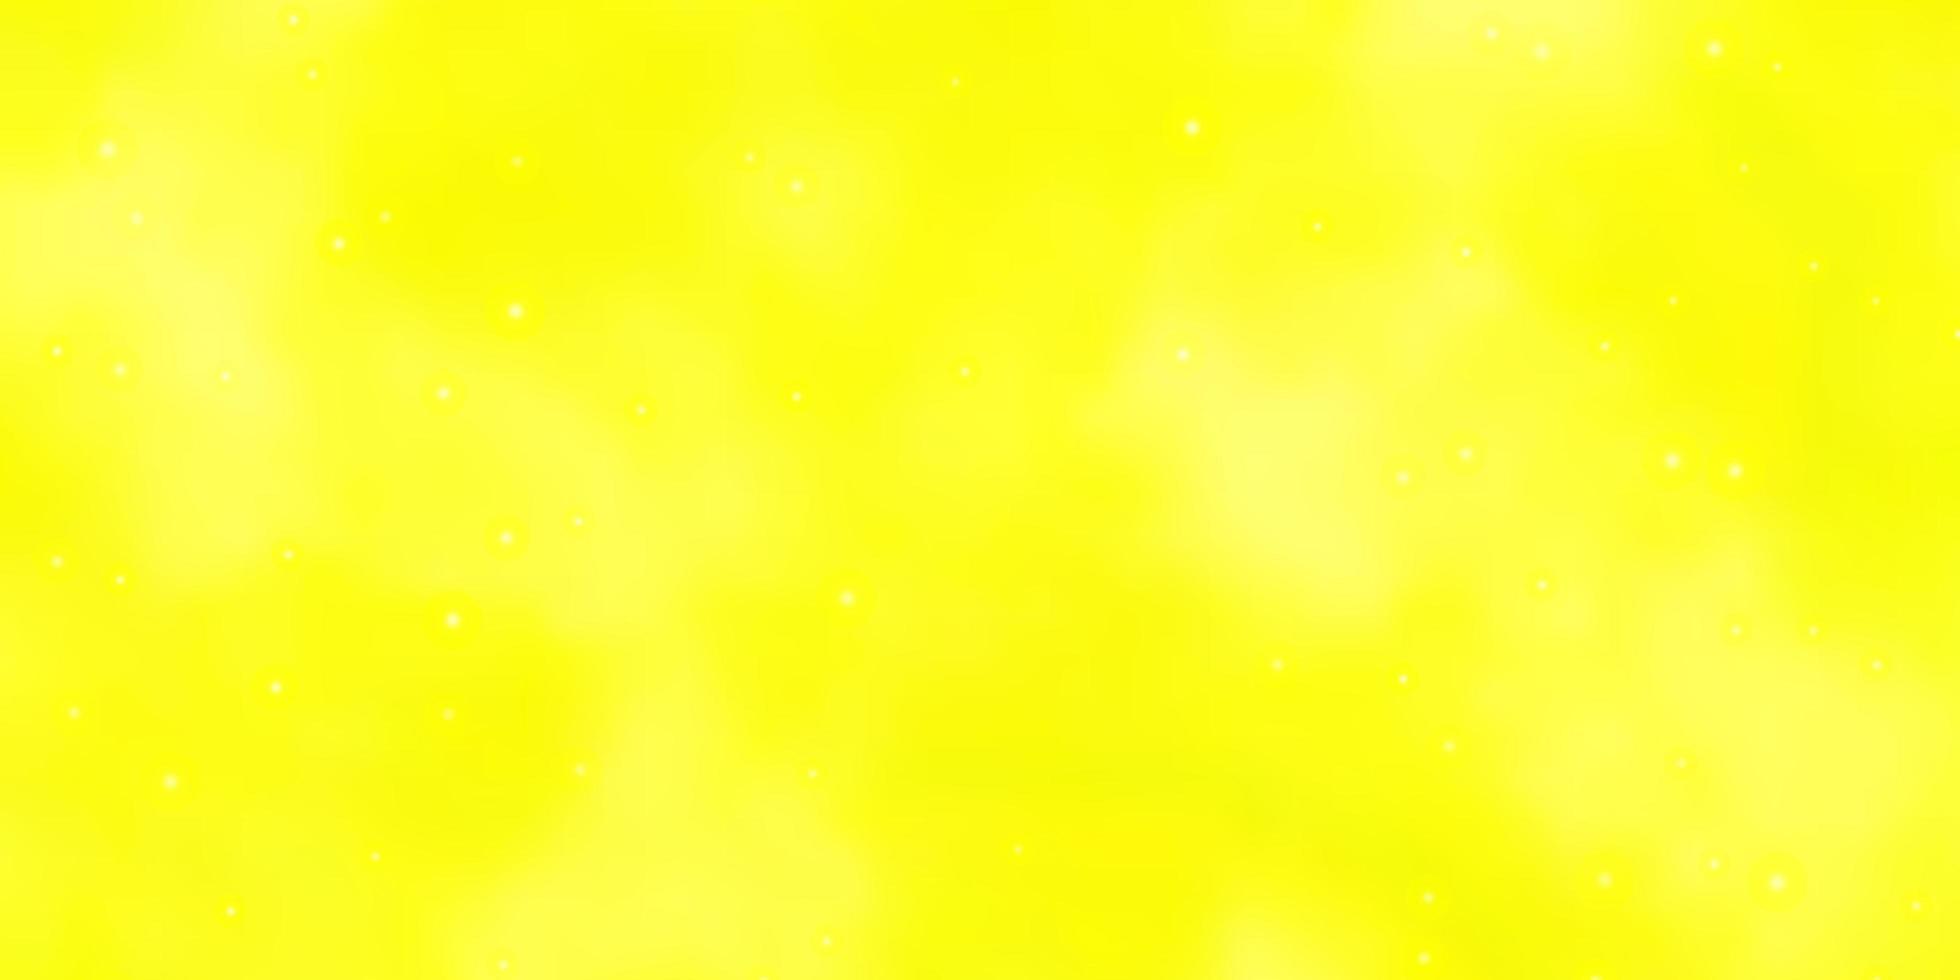 hellgelbes Vektorlayout mit hellen Sternen. vektor